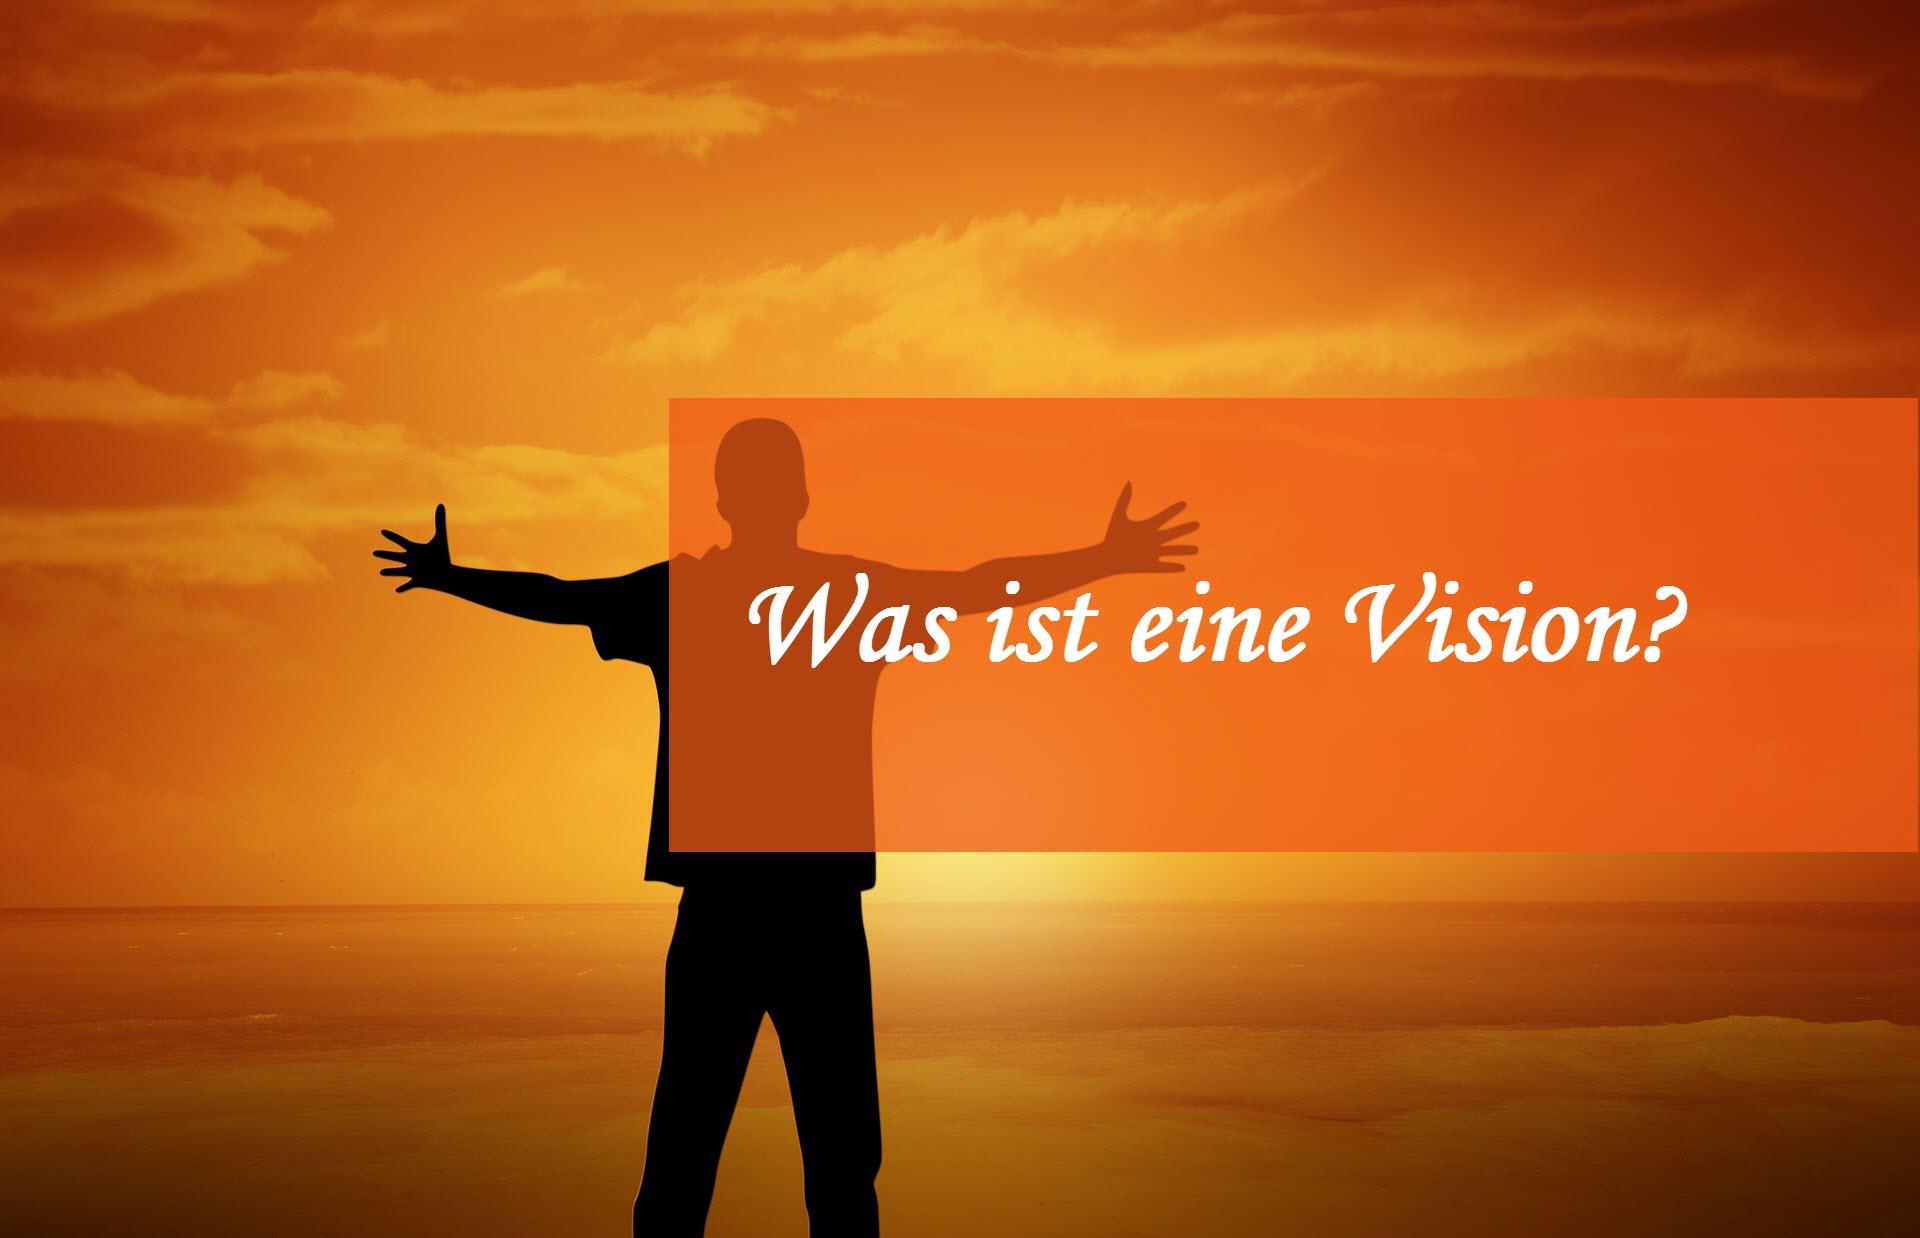 Was ist eine Vision? 🔥🌞🎯